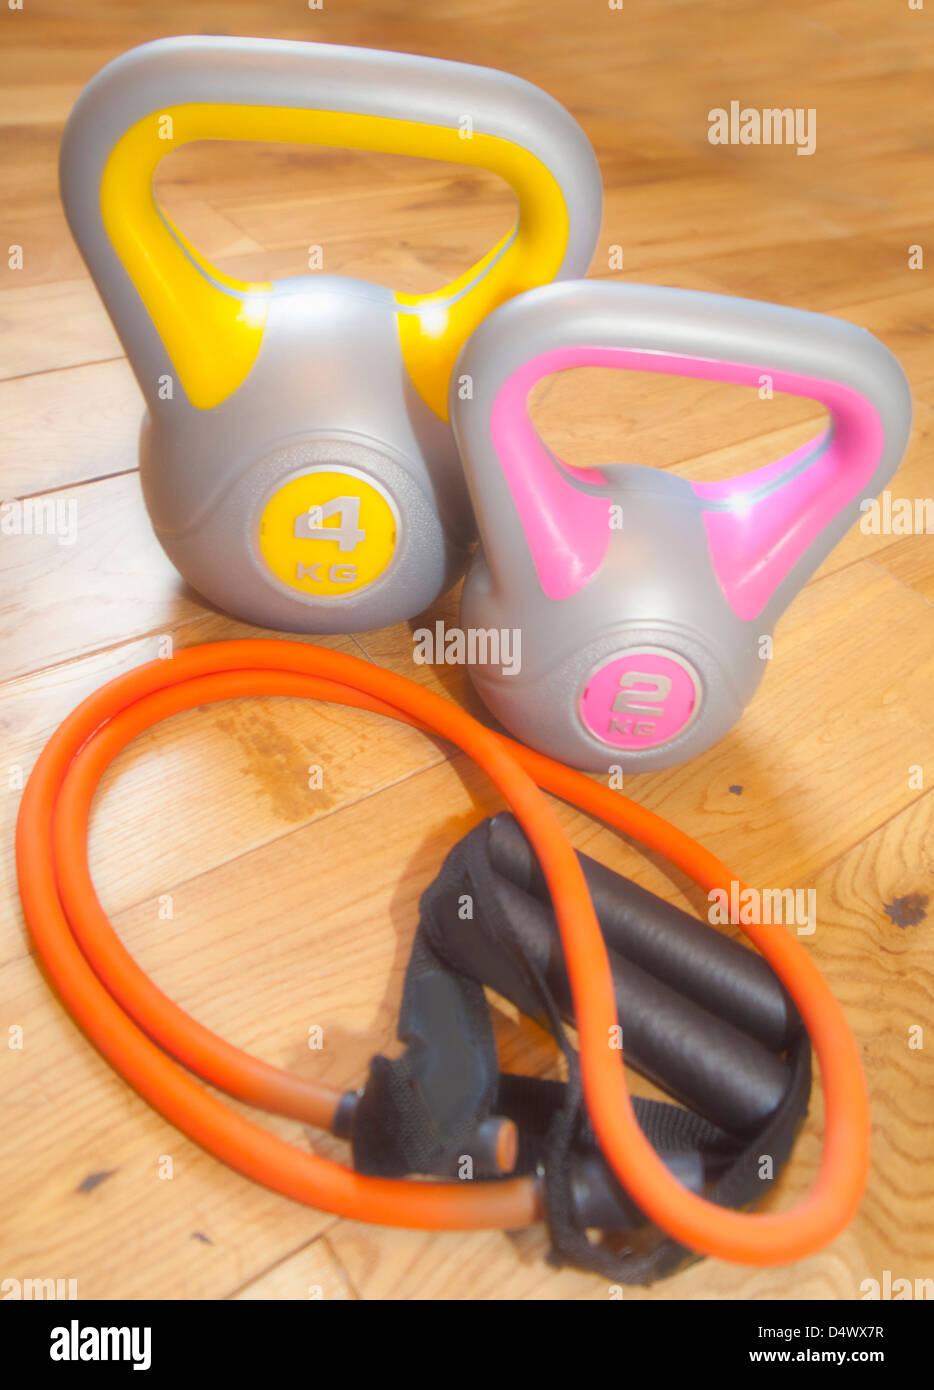 Equipamiento de ejercicio kettlebells y banda Imagen De Stock